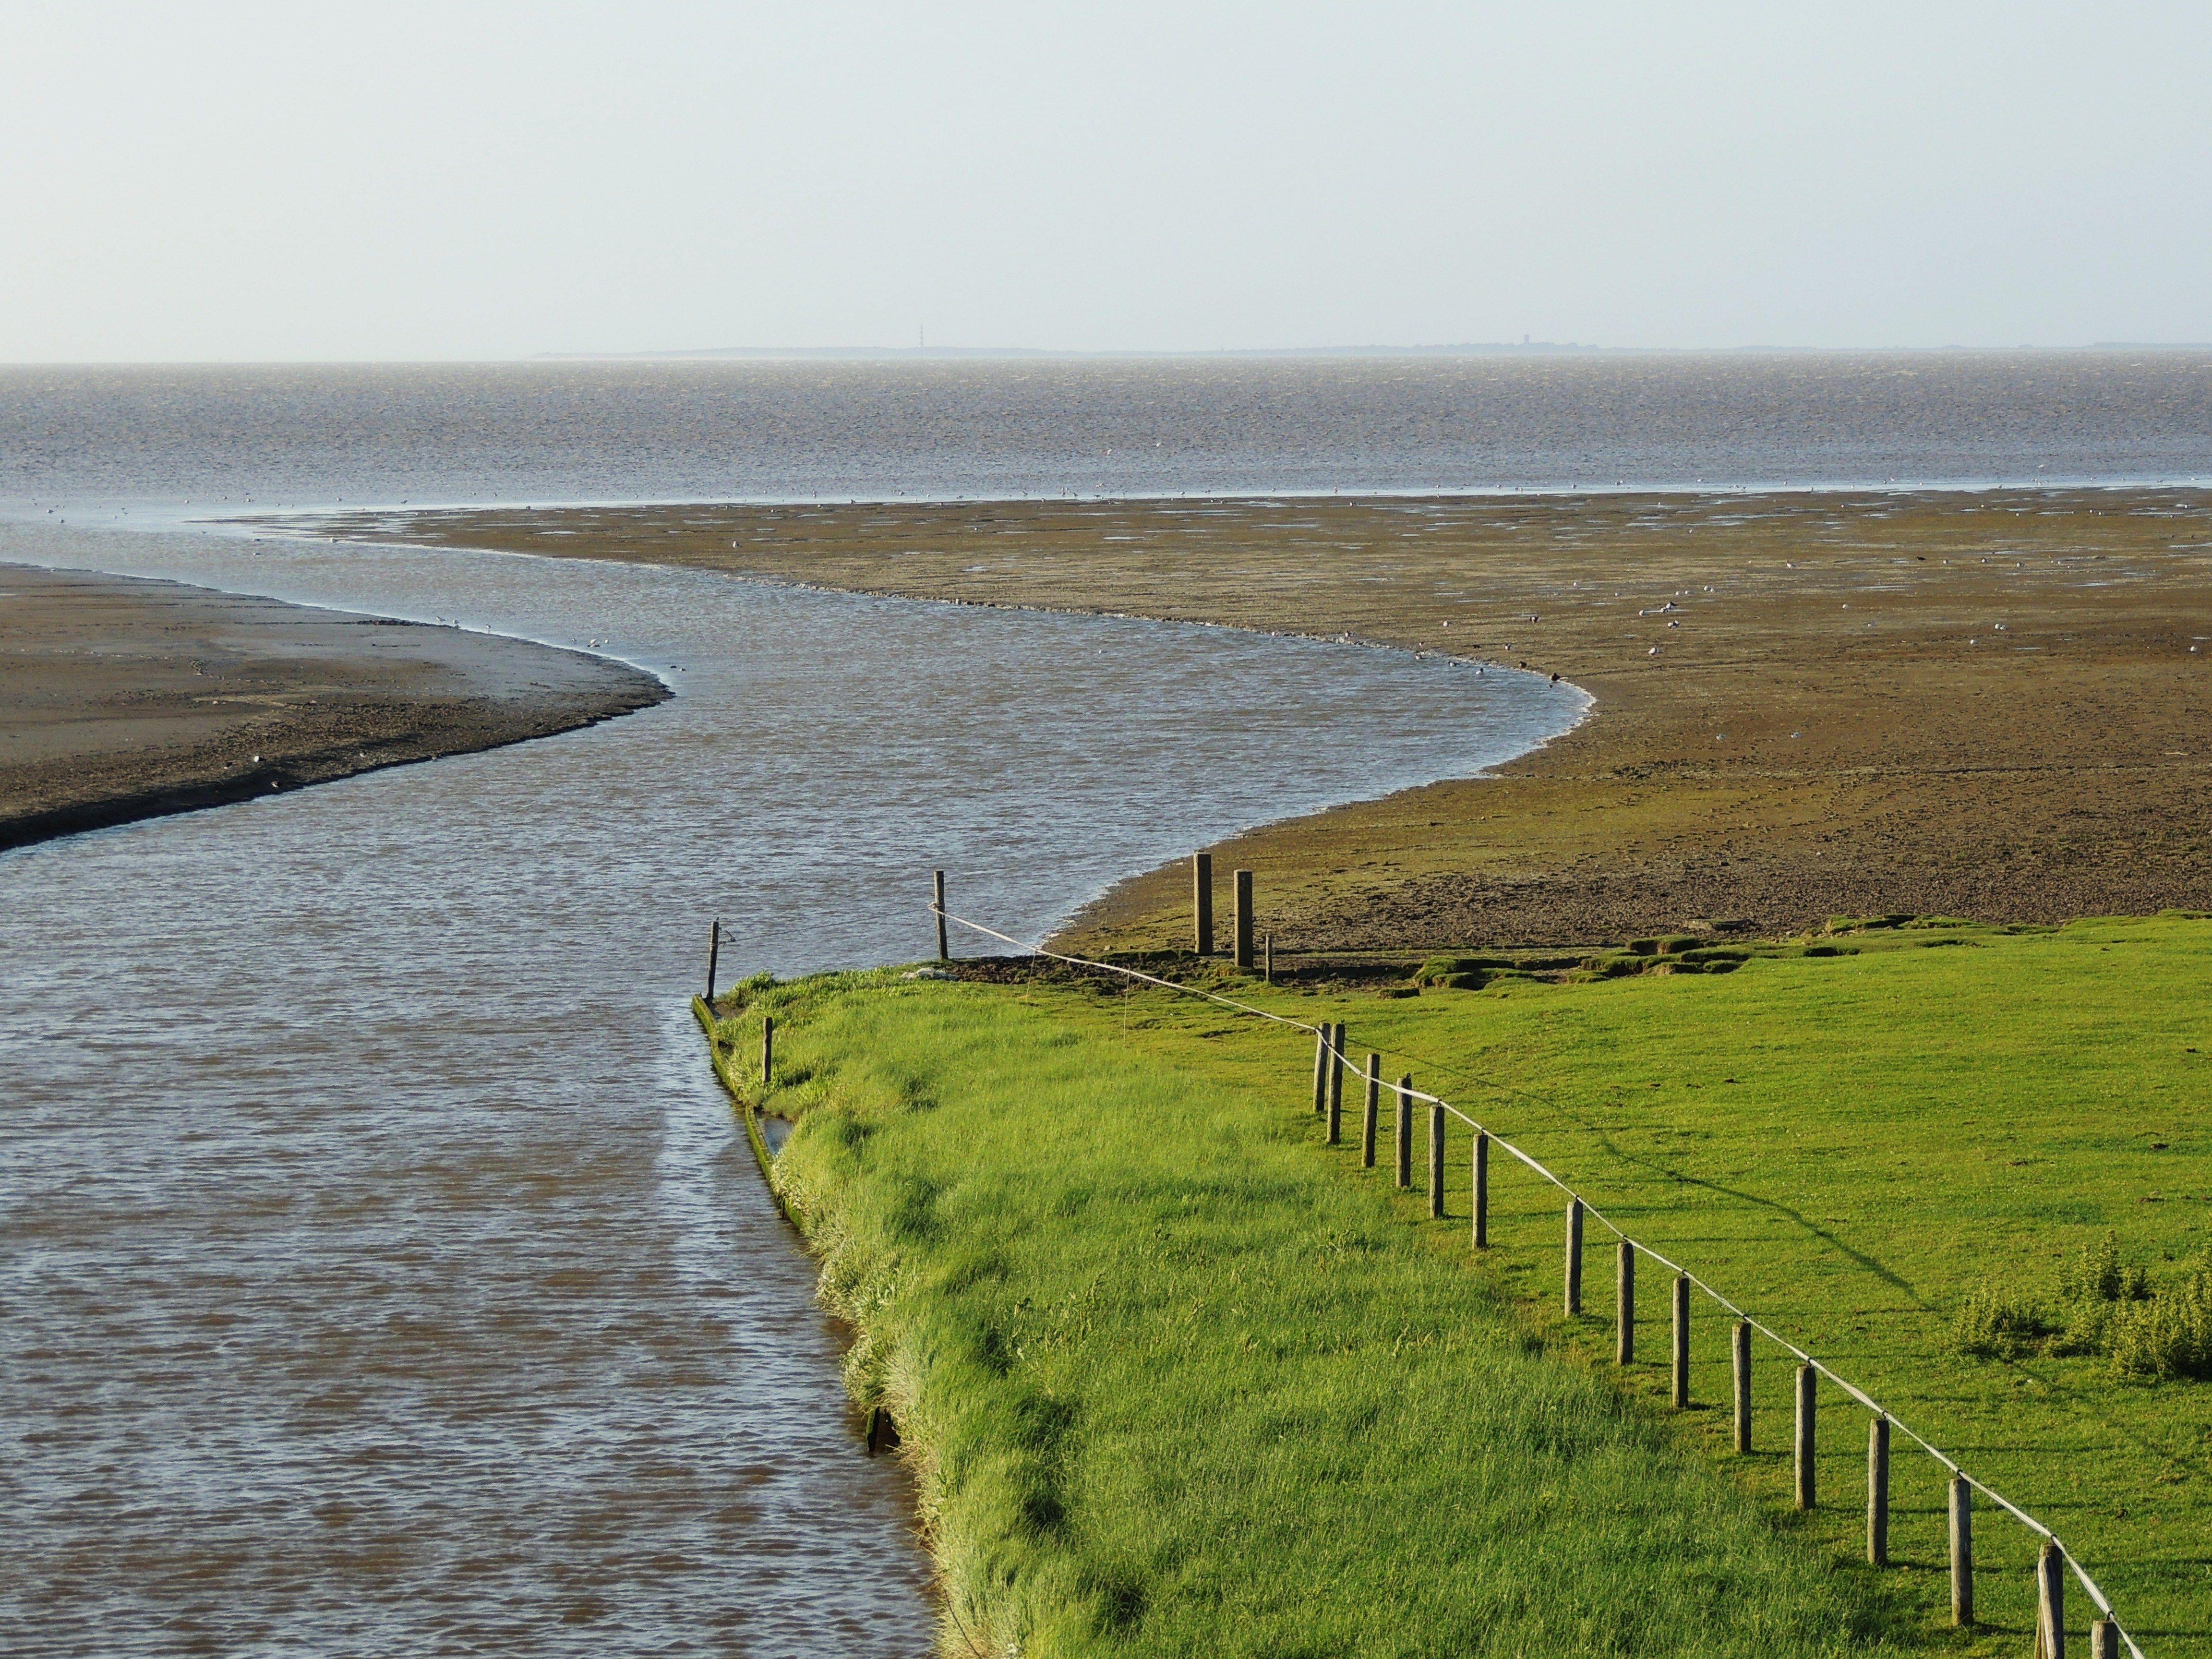 Unesco Werelderfgoed Bij Zwarte Haan De Wadden Friesland The Netherlands Eigen Foto Foto Dorpjes